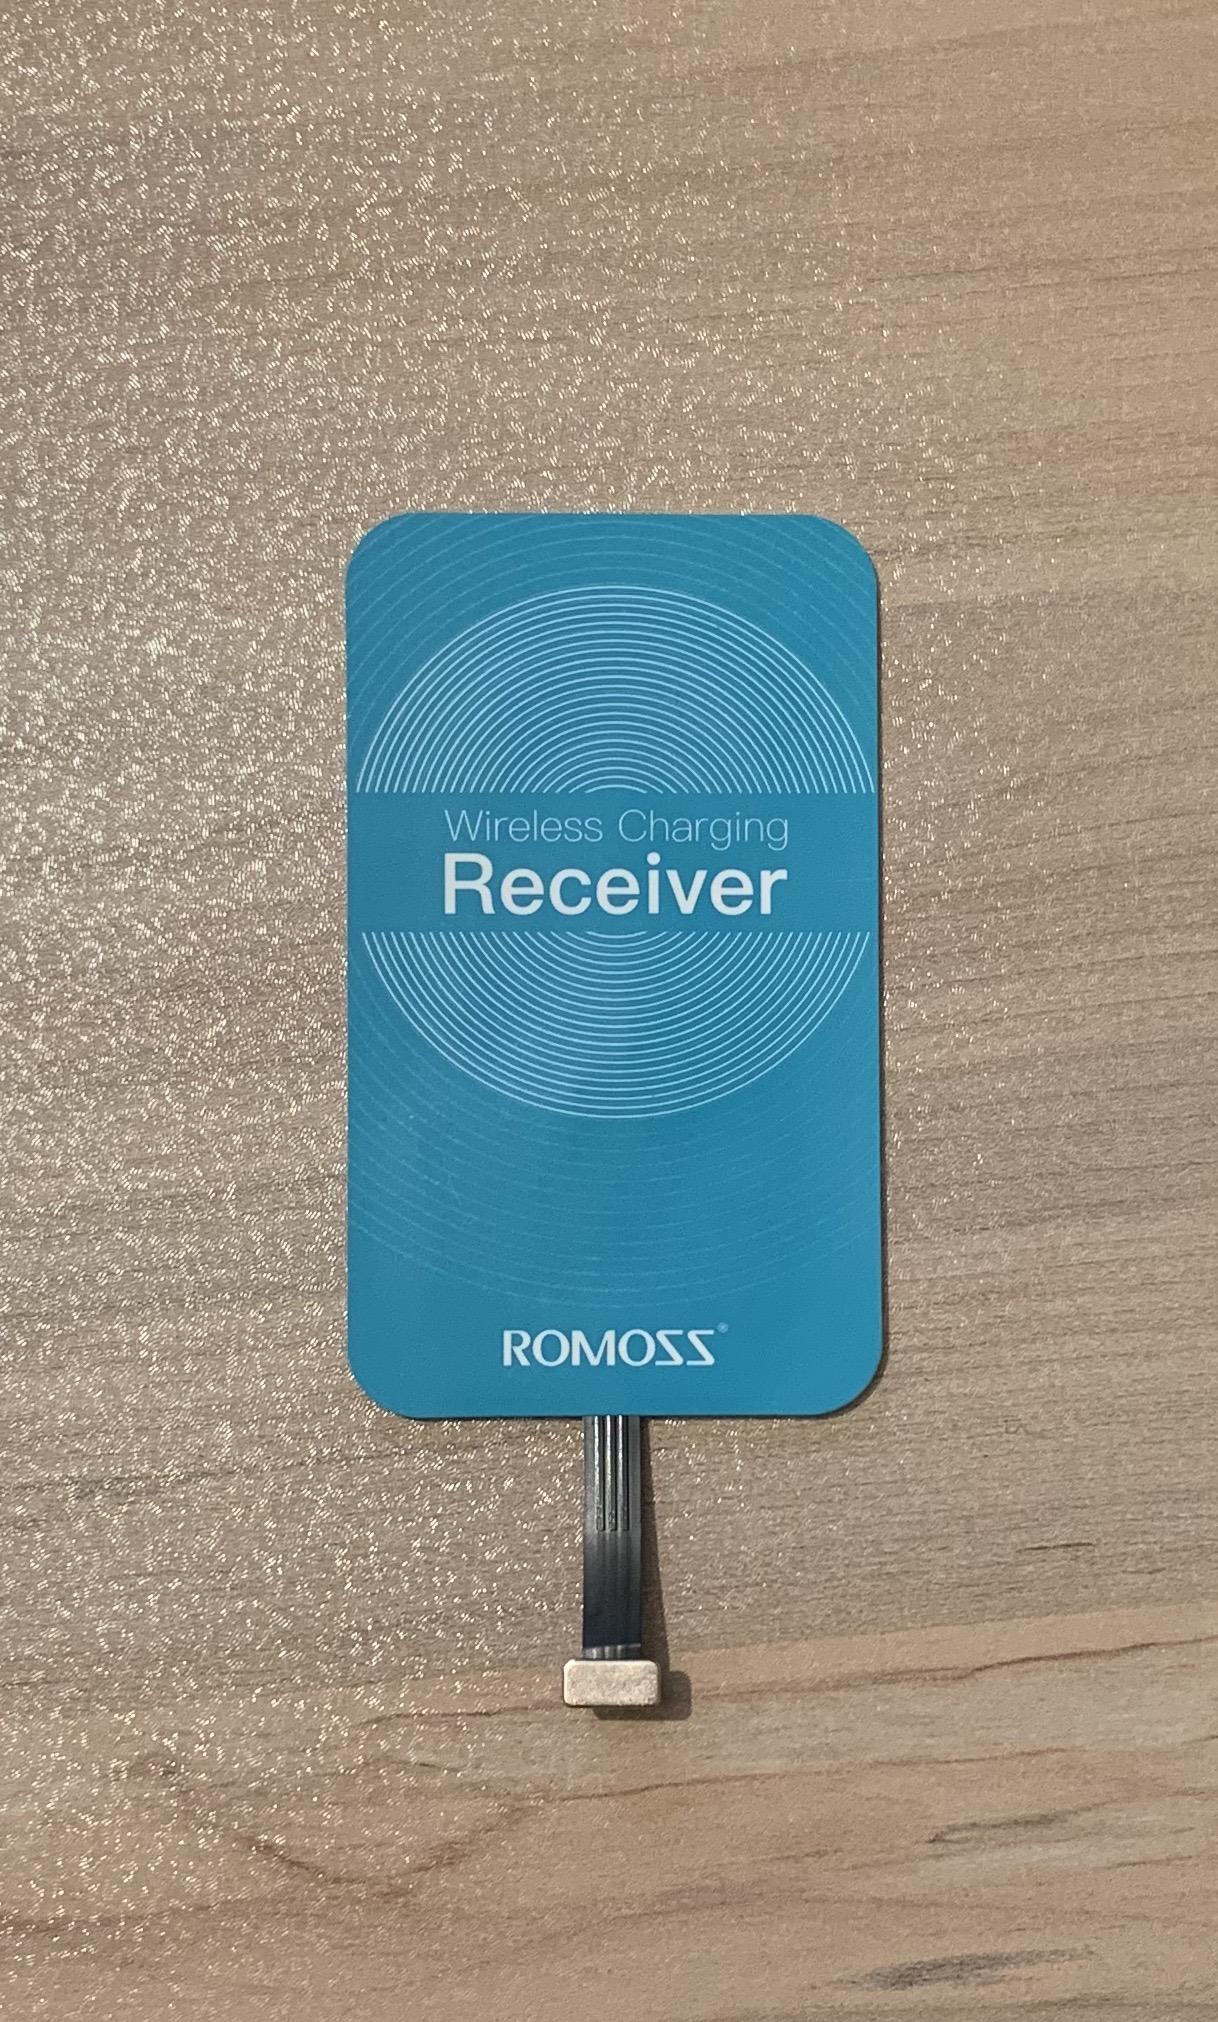 گیرنده شارژر بی سیم روموس مدل RL01 مناسب برای گوشی موبایل آیفون